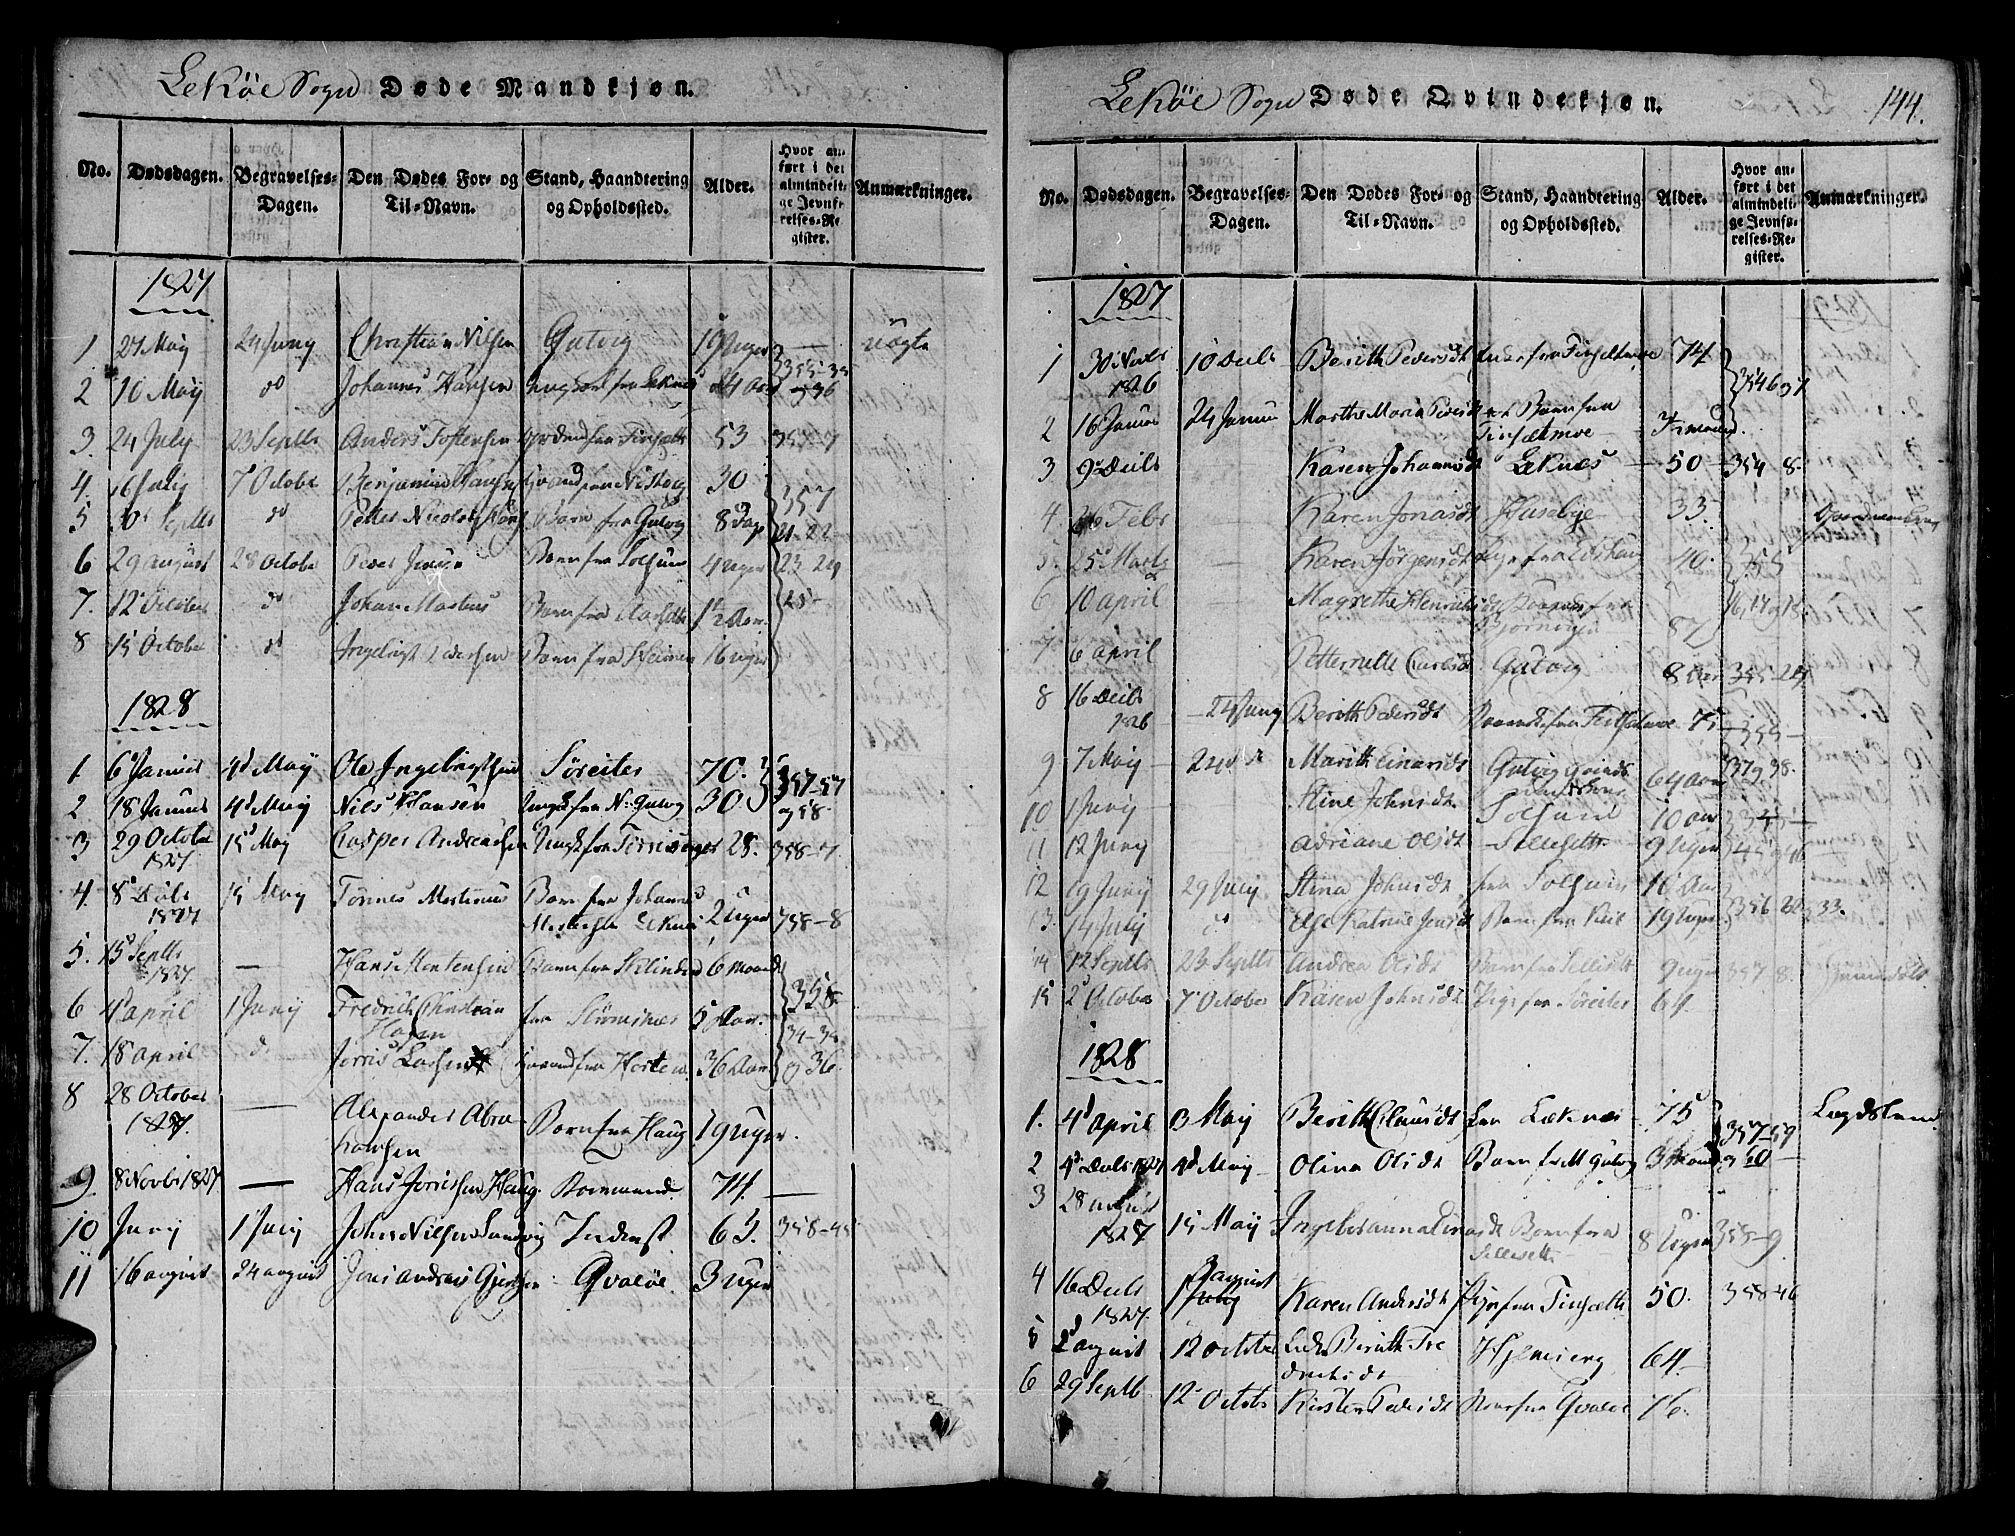 SAT, Ministerialprotokoller, klokkerbøker og fødselsregistre - Nord-Trøndelag, 780/L0636: Ministerialbok nr. 780A03 /2, 1815-1829, s. 144